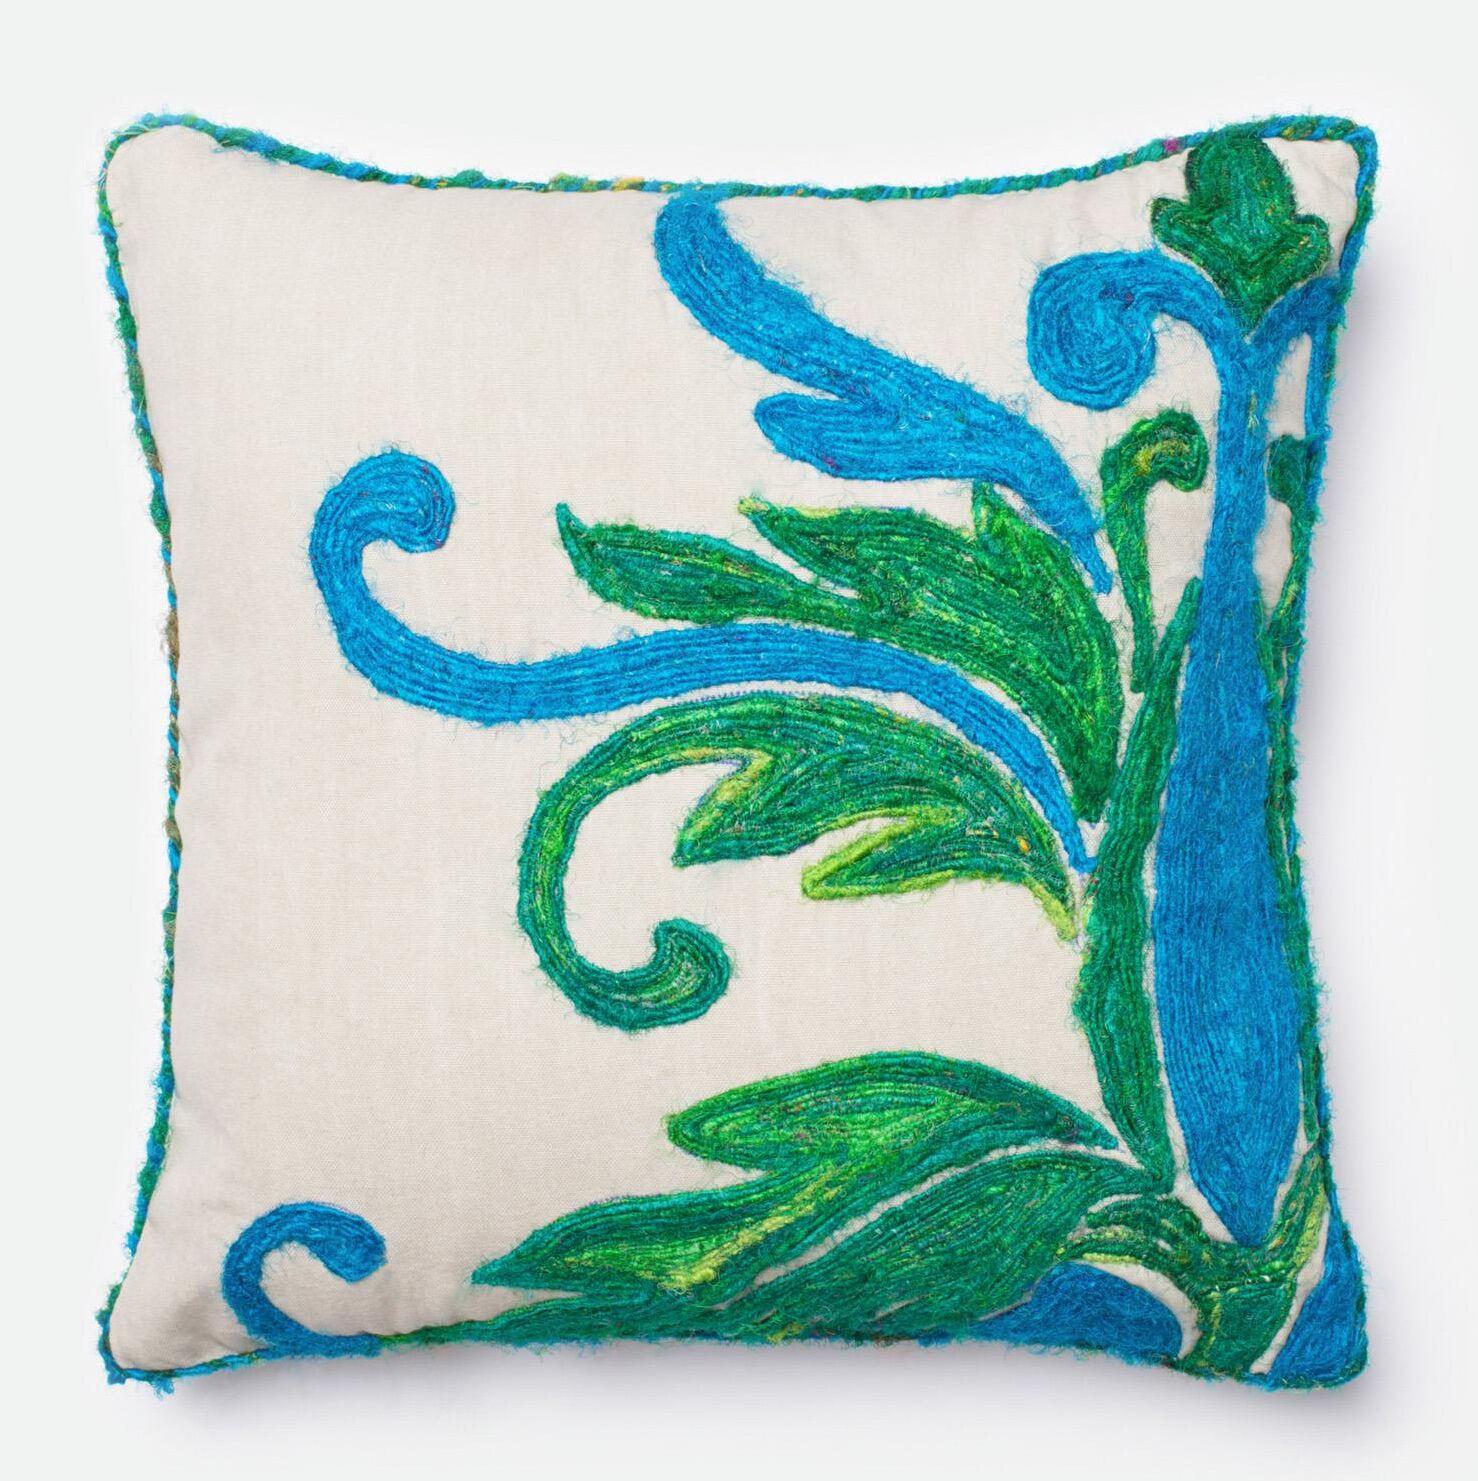 Zavis Throw Cotton Pillow